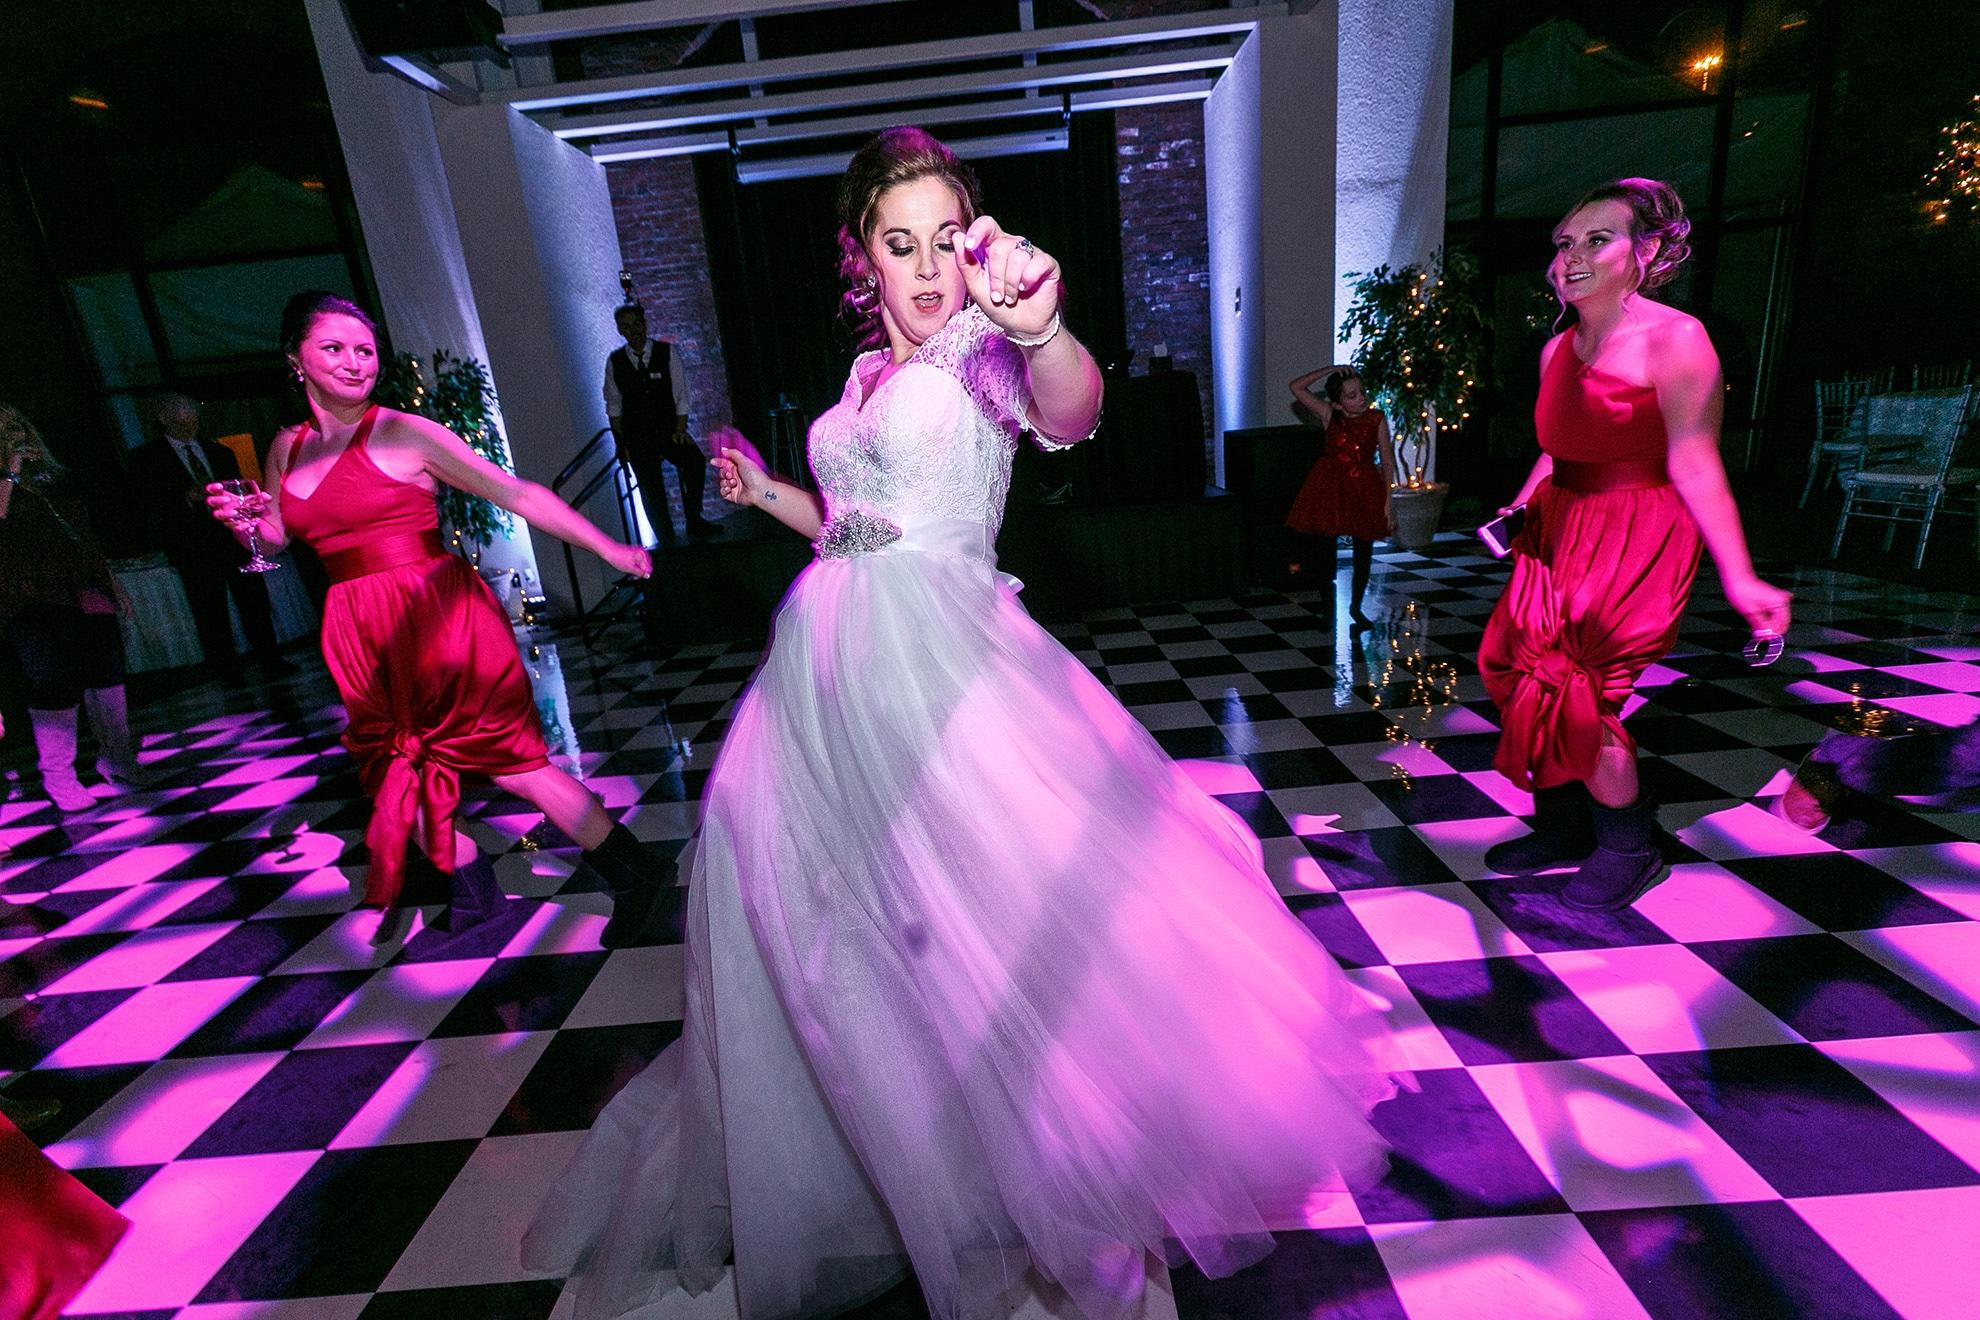 wedding photography, wedding photographer, Louisville wedding photography, Louisville, professional photographer, photojournalism, full day wedding photography, Kye's